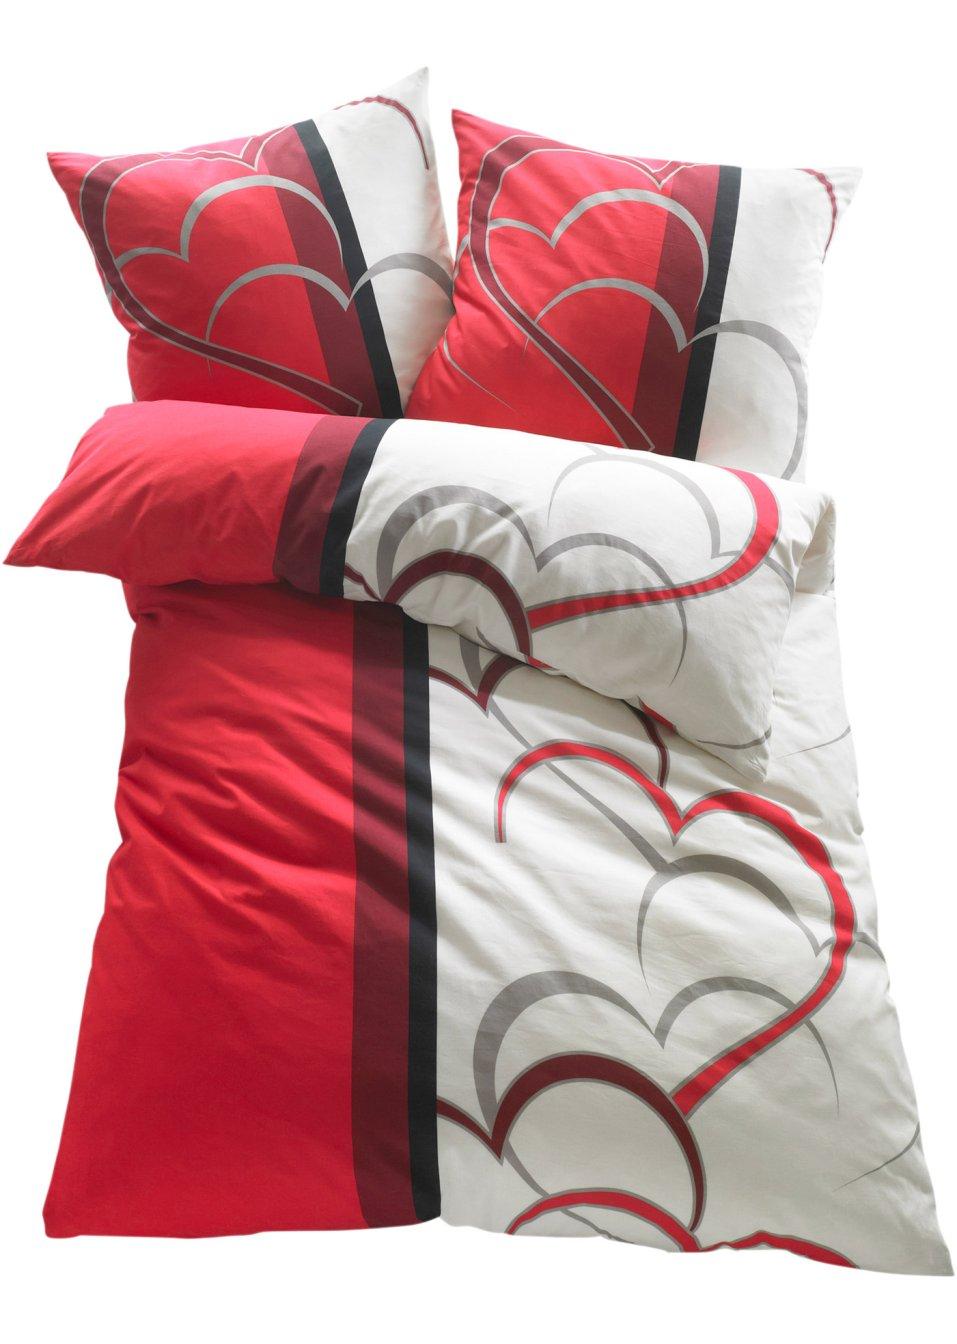 Frohliche Bettwasche Amelie Mit Herzmotiv Fur Ein Romantisches